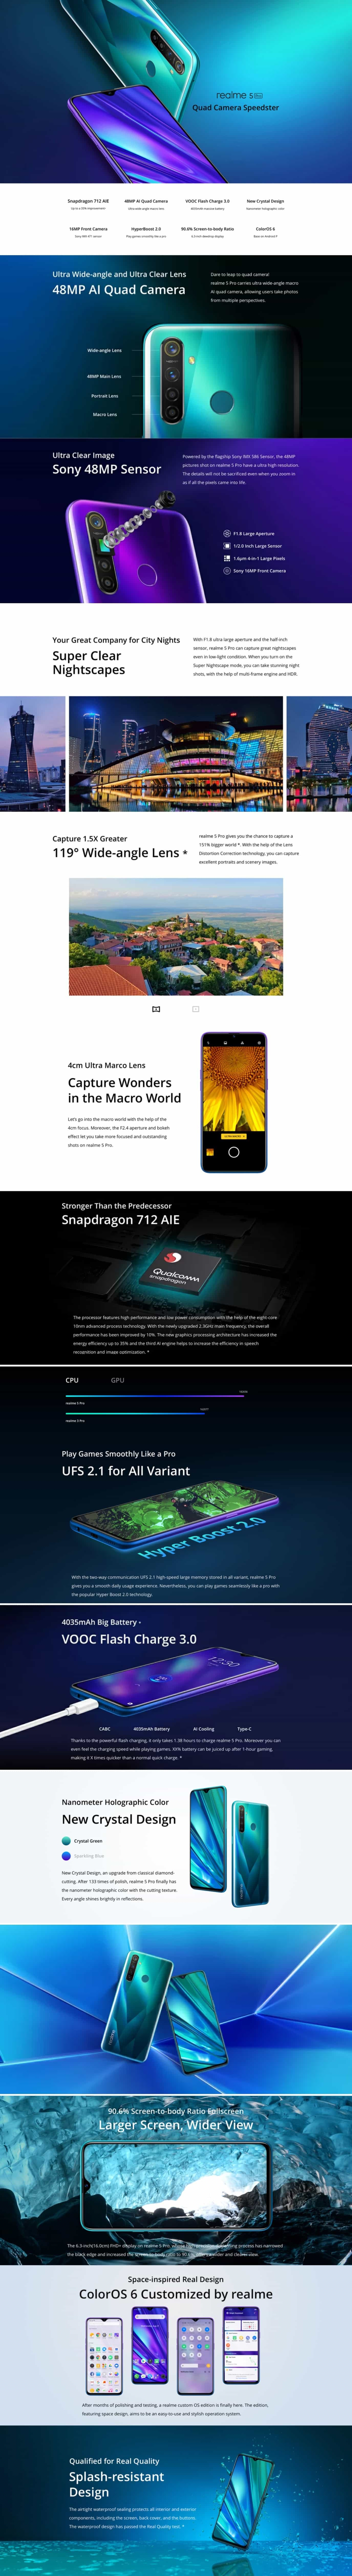 Prezentare-RealMe-5-Pro8ab415aba8f7198e.jpg